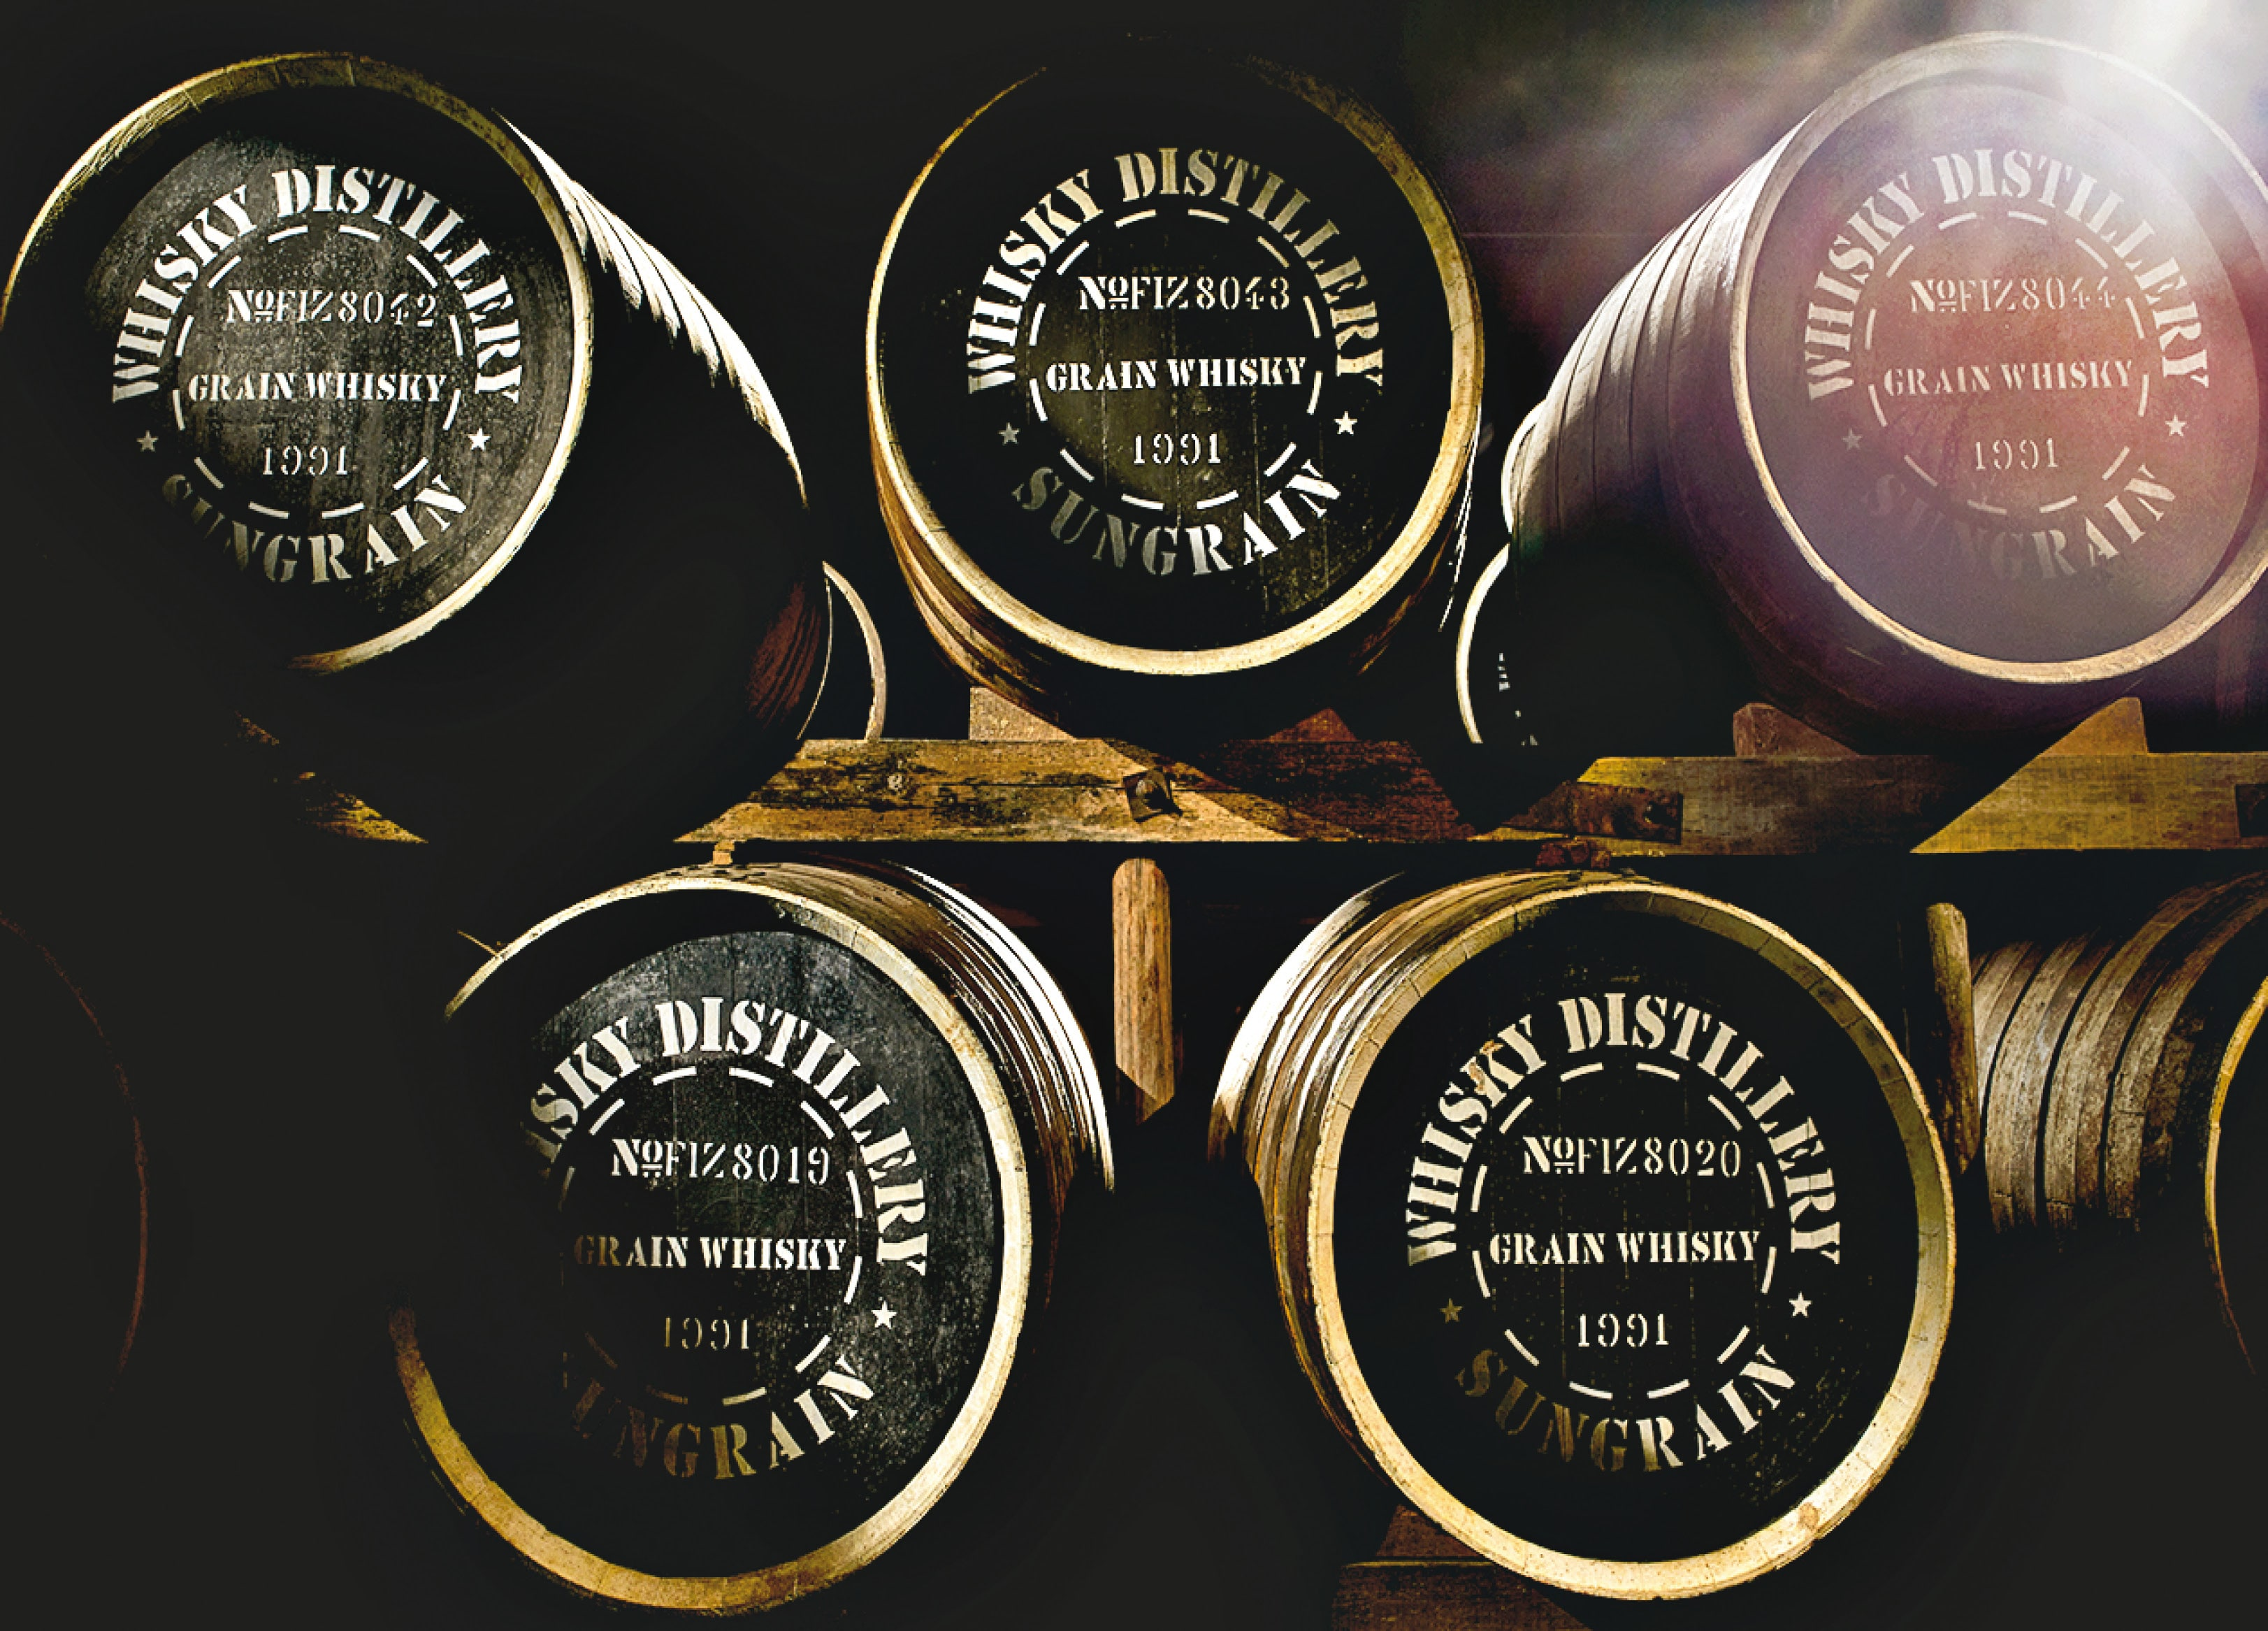 チーターの穀物ウイスキーは他の追従を許さない精巧を獲得しました